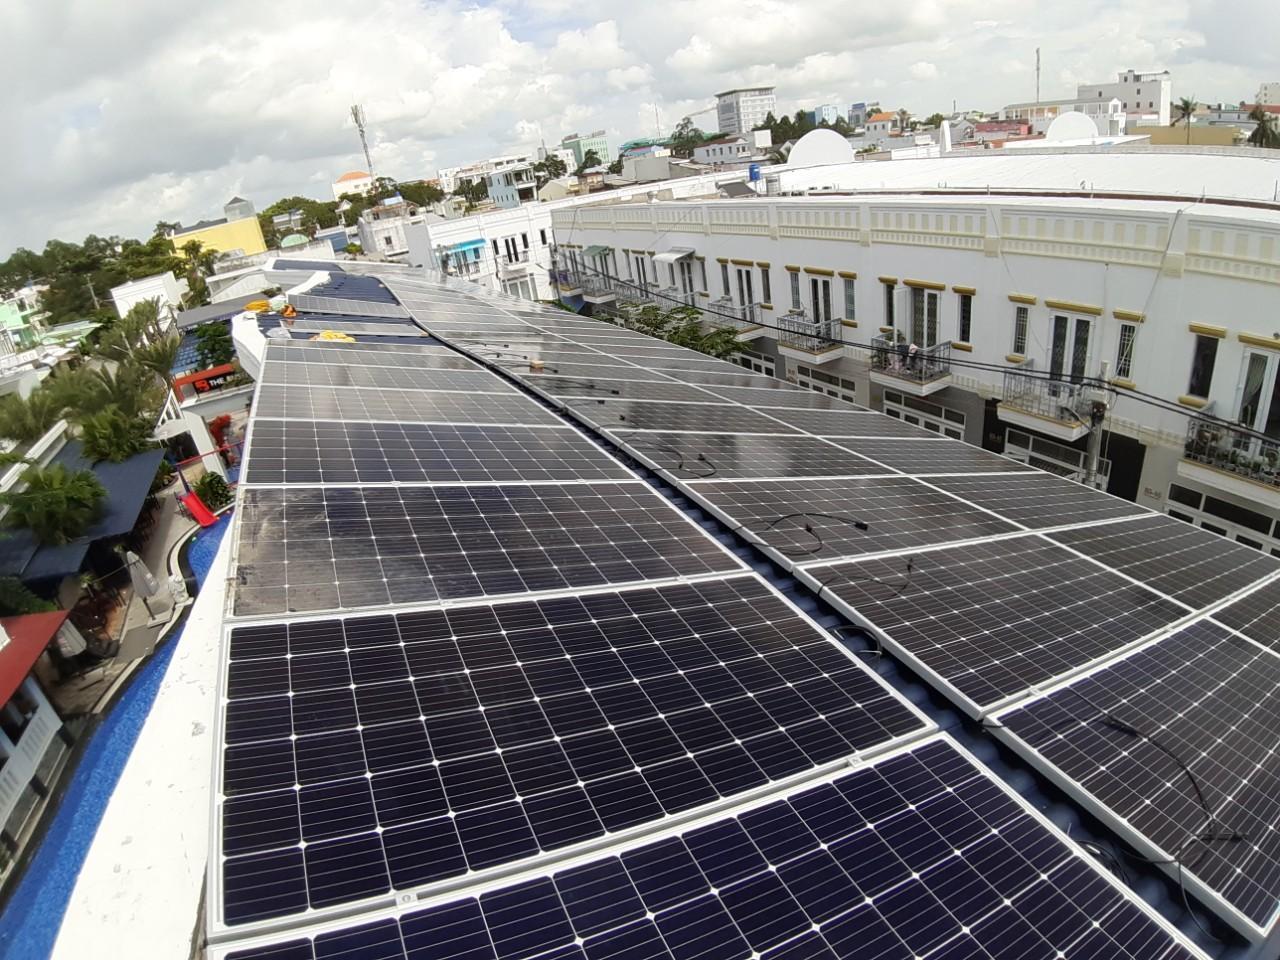 Giảm thiểu chi phí điện lưới với Giải pháp Điện Năng Lượng Mặt Trời do Mobifone cung cấp